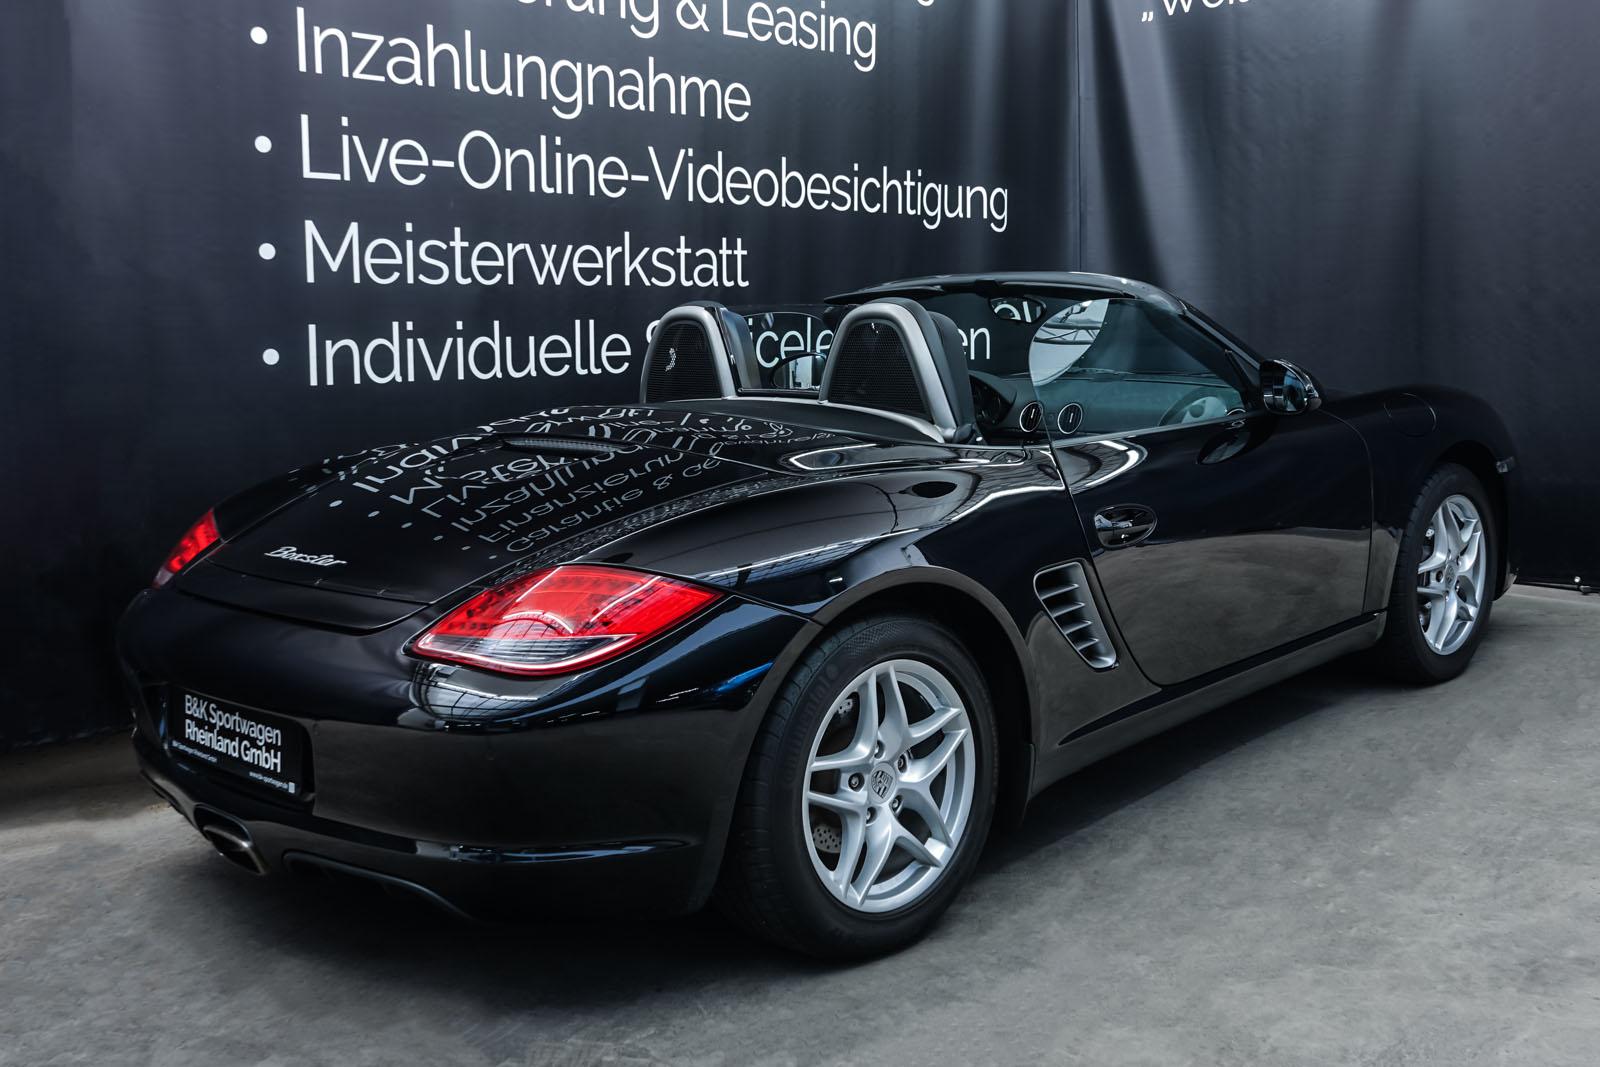 Porsche_Boxster_Schwarz_Schwarz_POR-0927_17_w